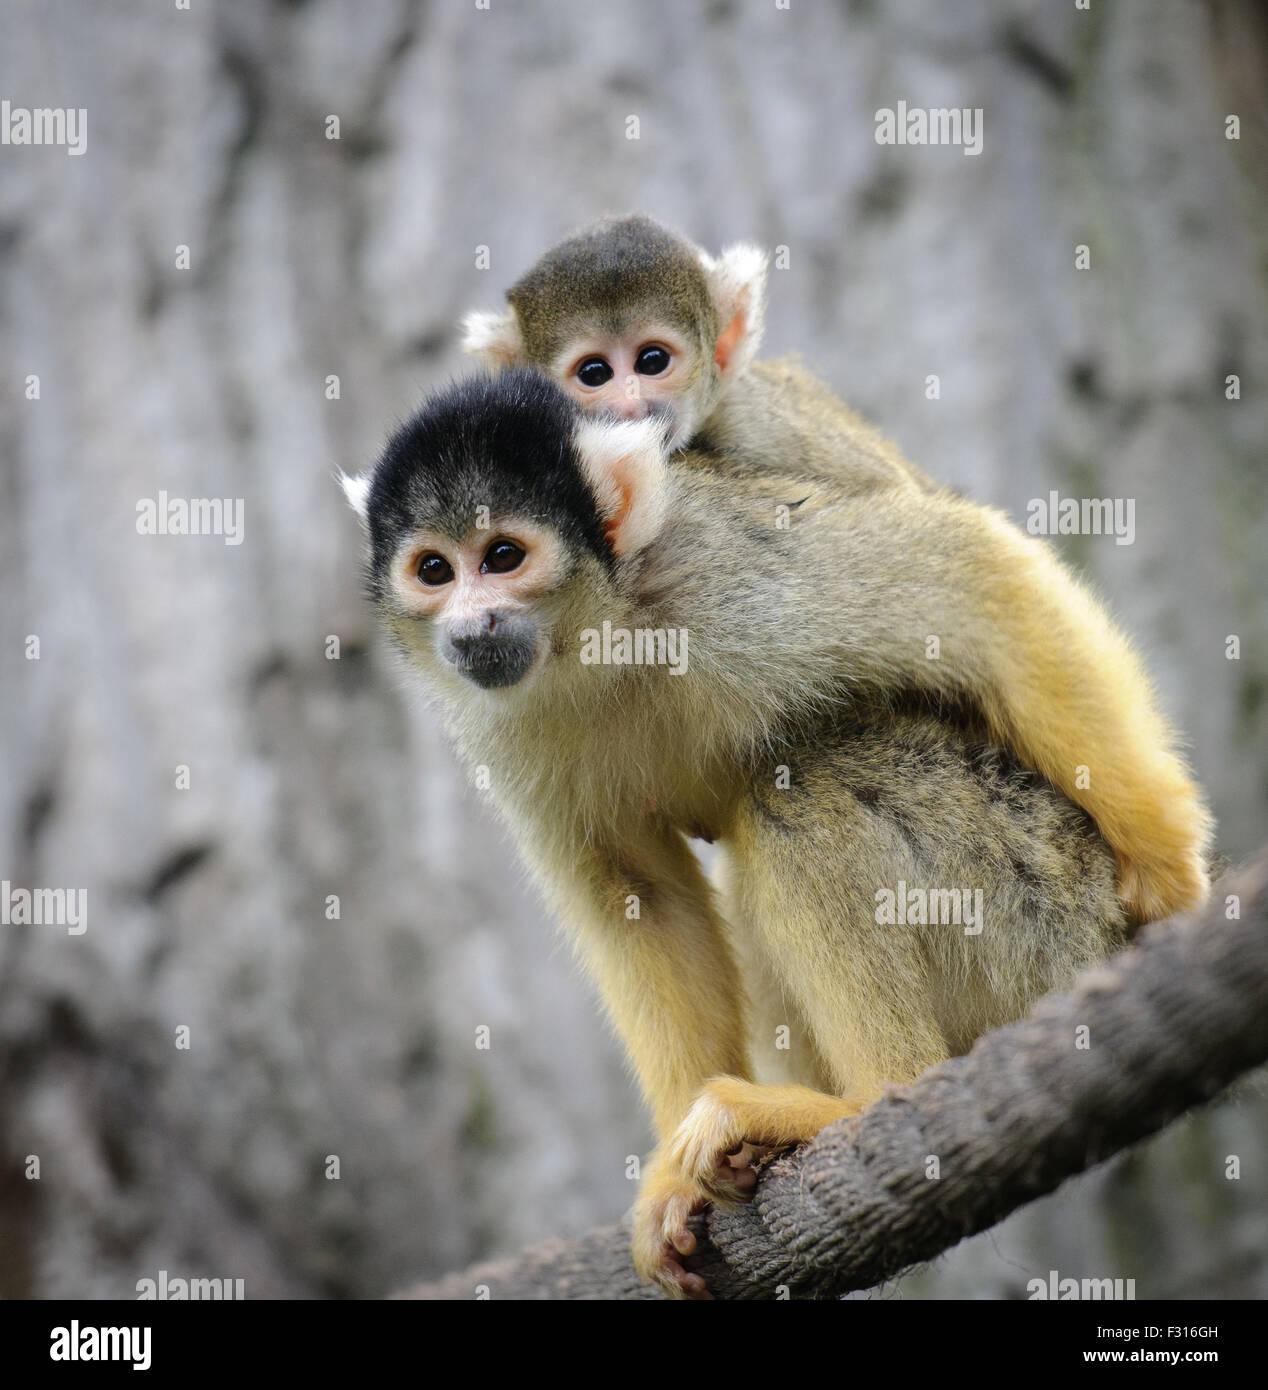 Nero-capped Scimmia di scoiattolo con il suo piccolo grazioso baby in zoo Immagini Stock